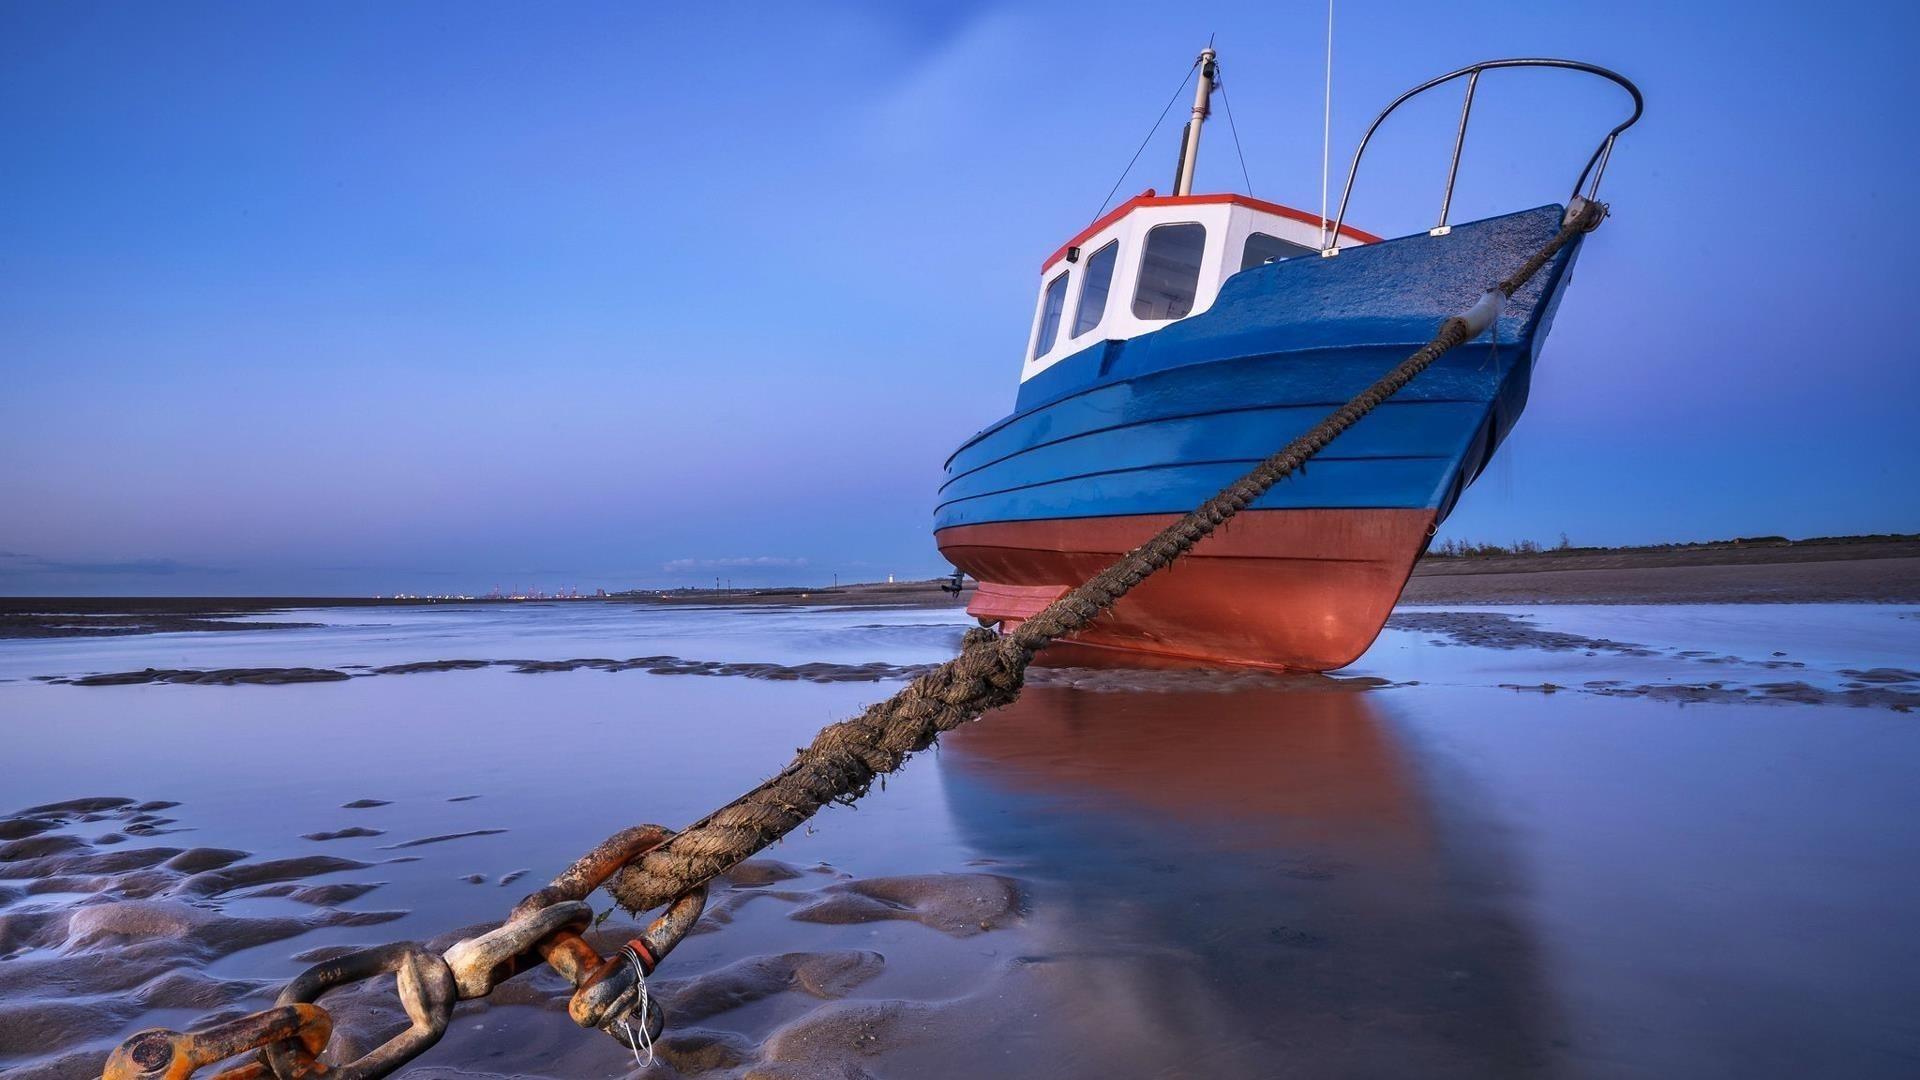 Голубое небо и рыбацкая лодка пойманная в ловушку якорем пойманная на веревке природа обои скачать